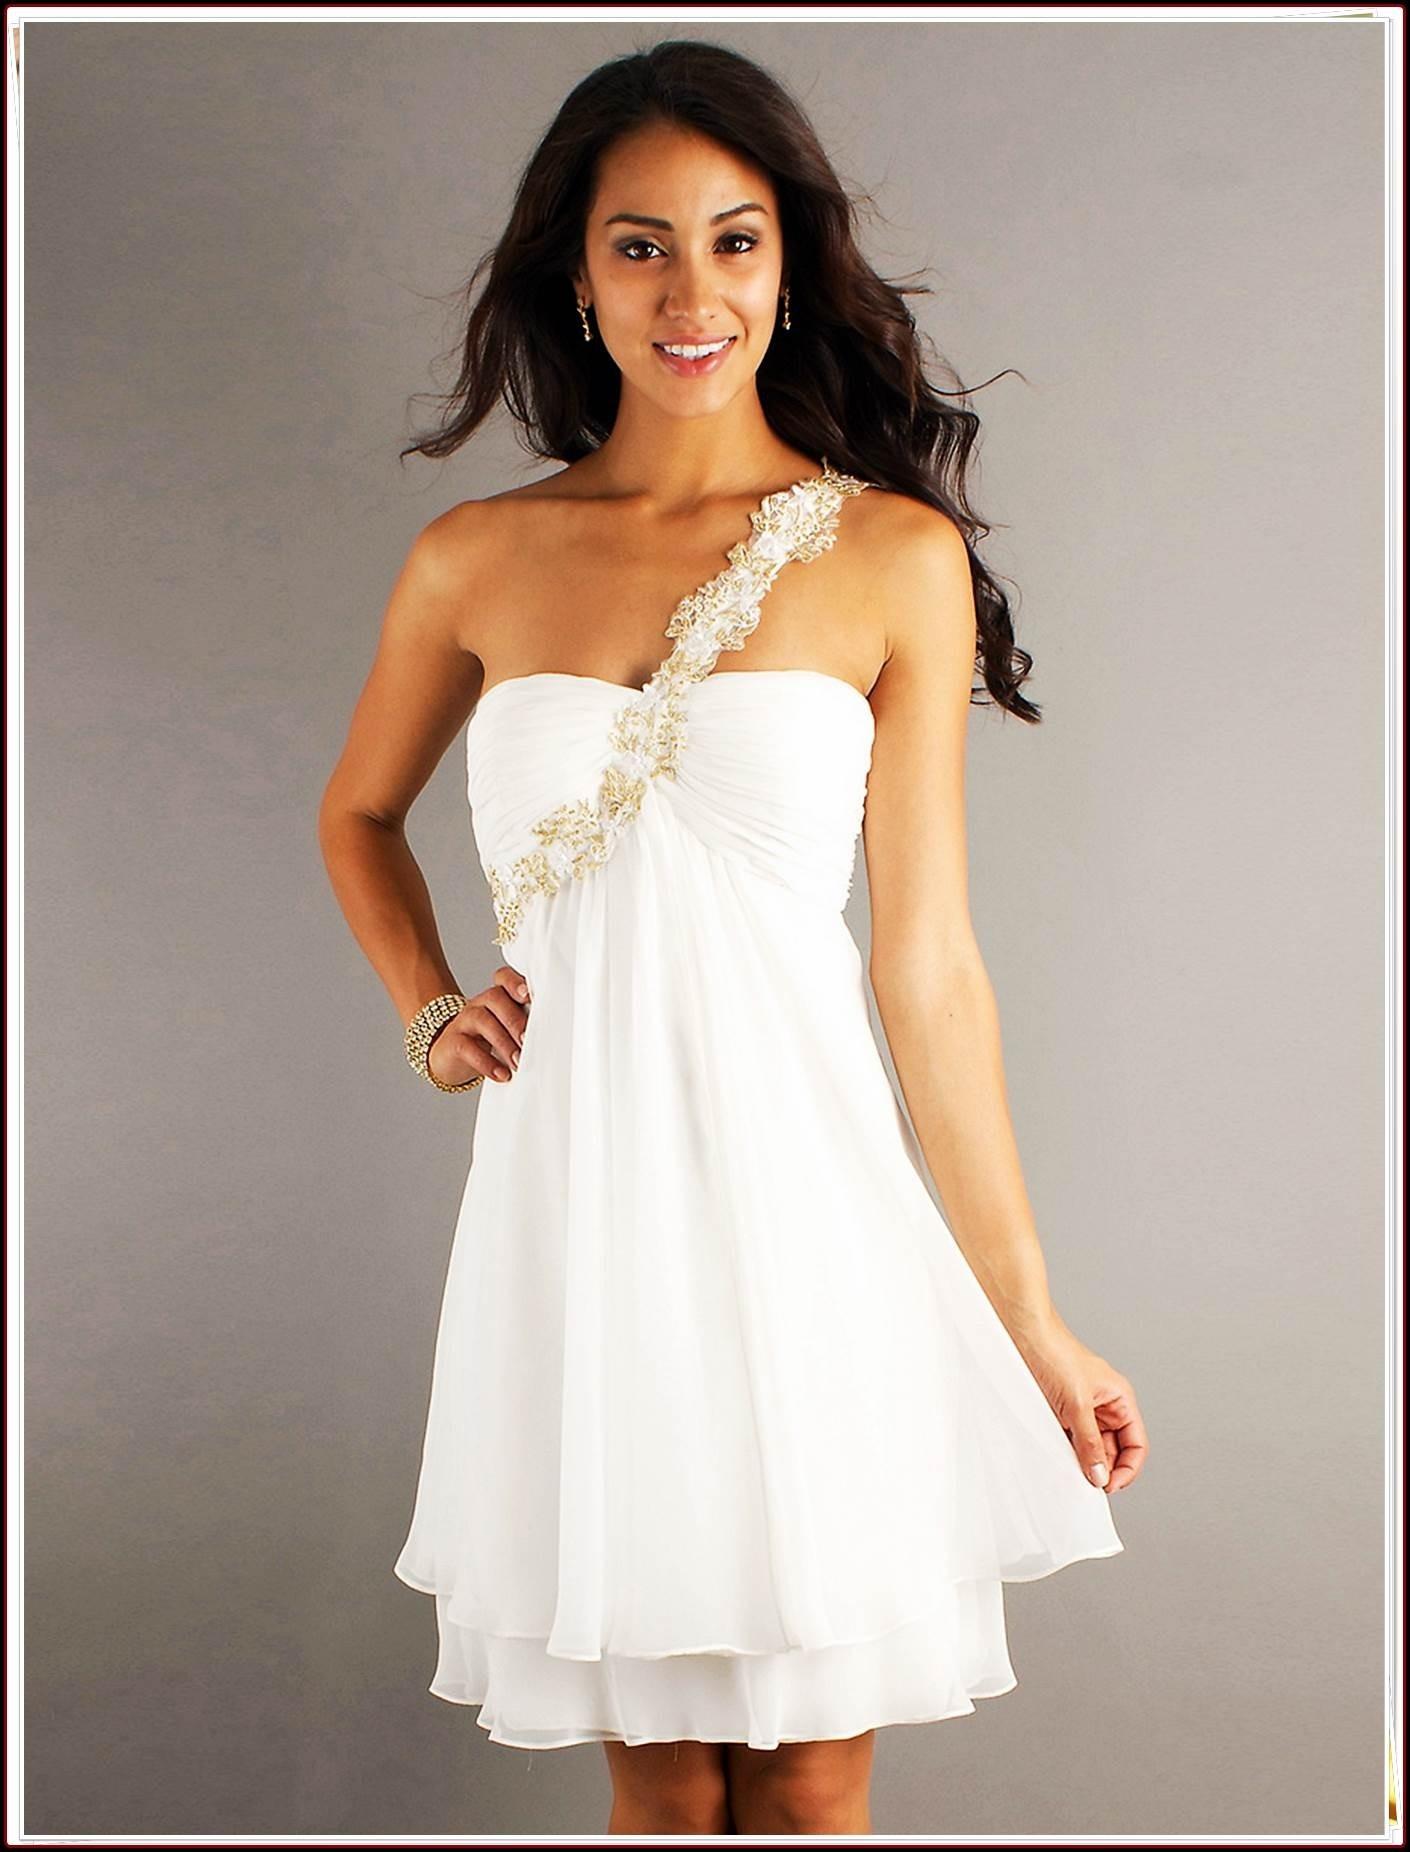 17 Cool Konfirmationskleider Weiß Bester PreisAbend Top Konfirmationskleider Weiß Stylish